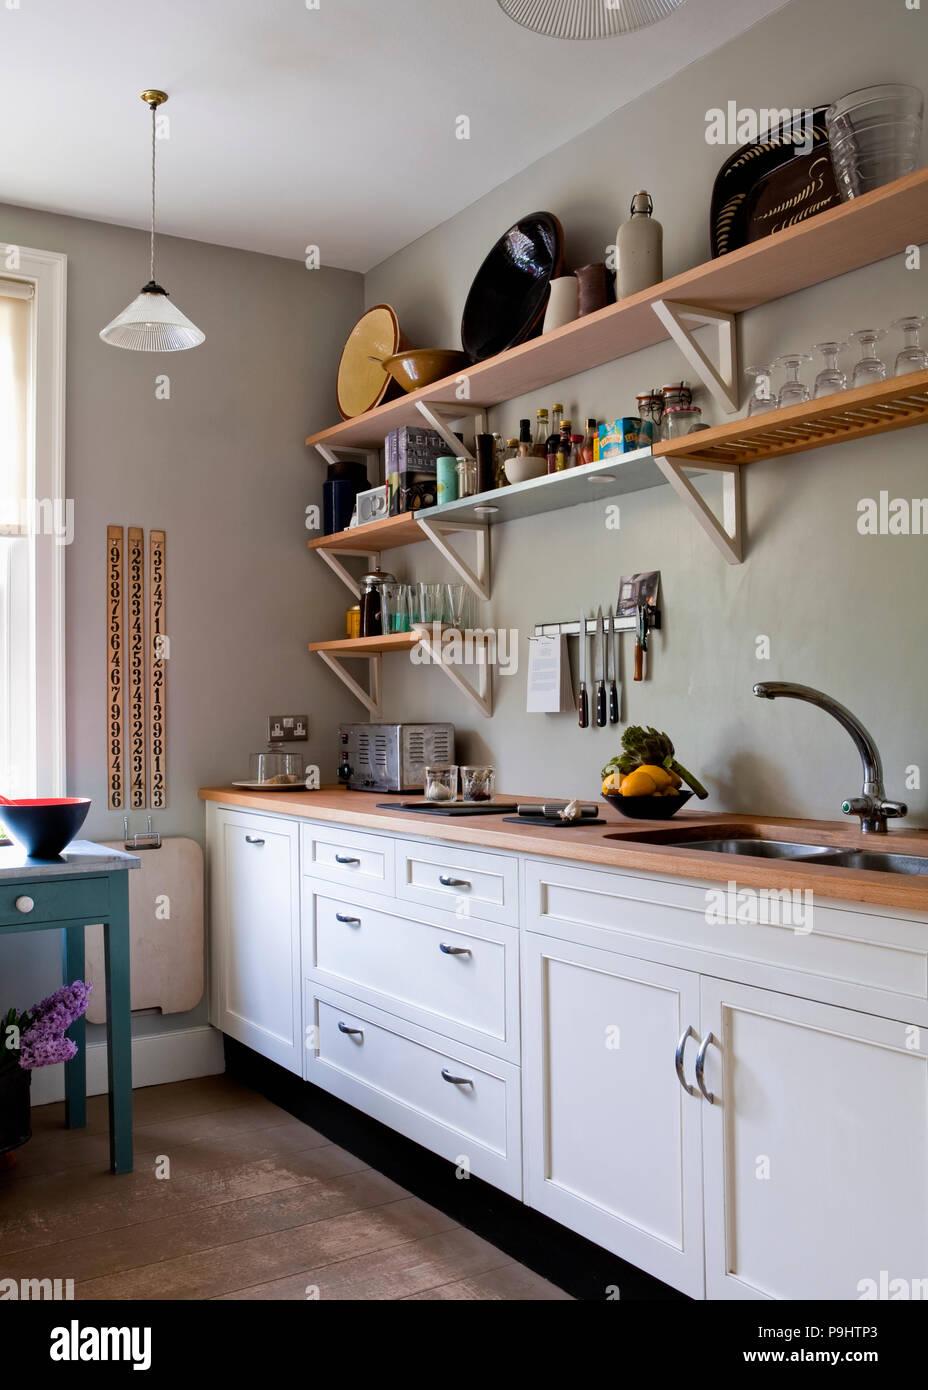 de simples tag res en bois au dessus de l 39 unit blanche. Black Bedroom Furniture Sets. Home Design Ideas